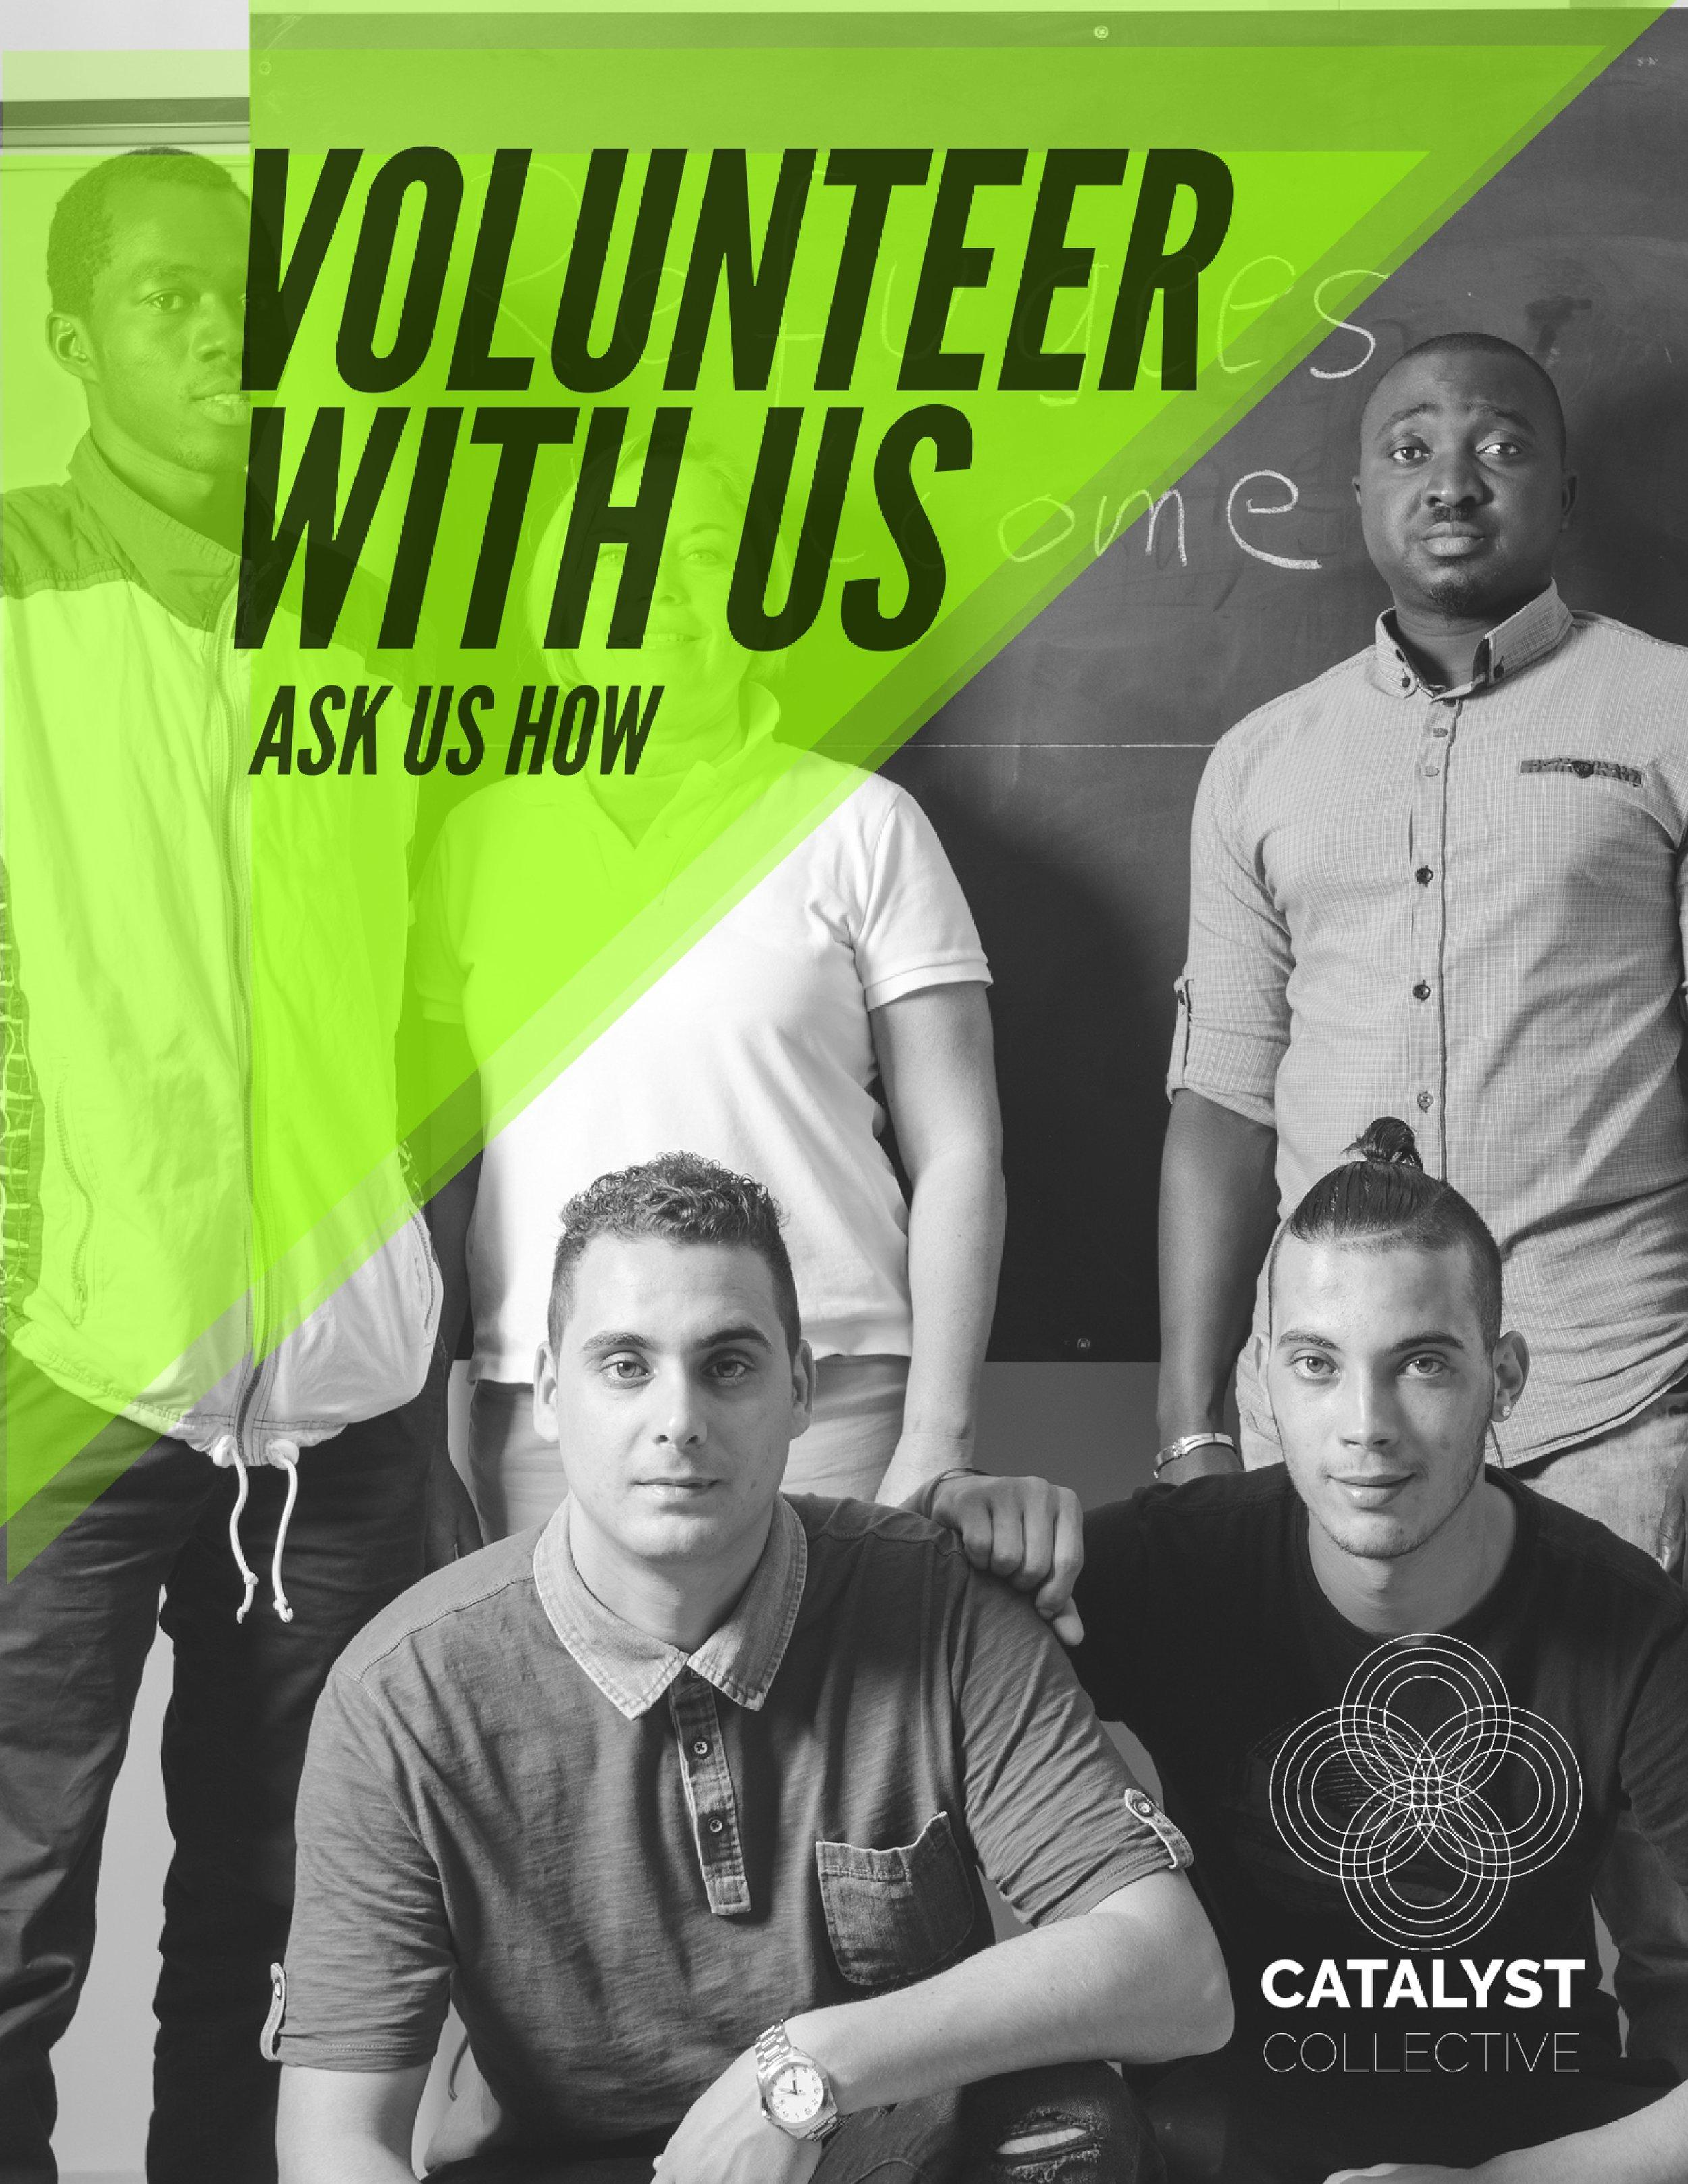 Volunteer with us.jpg